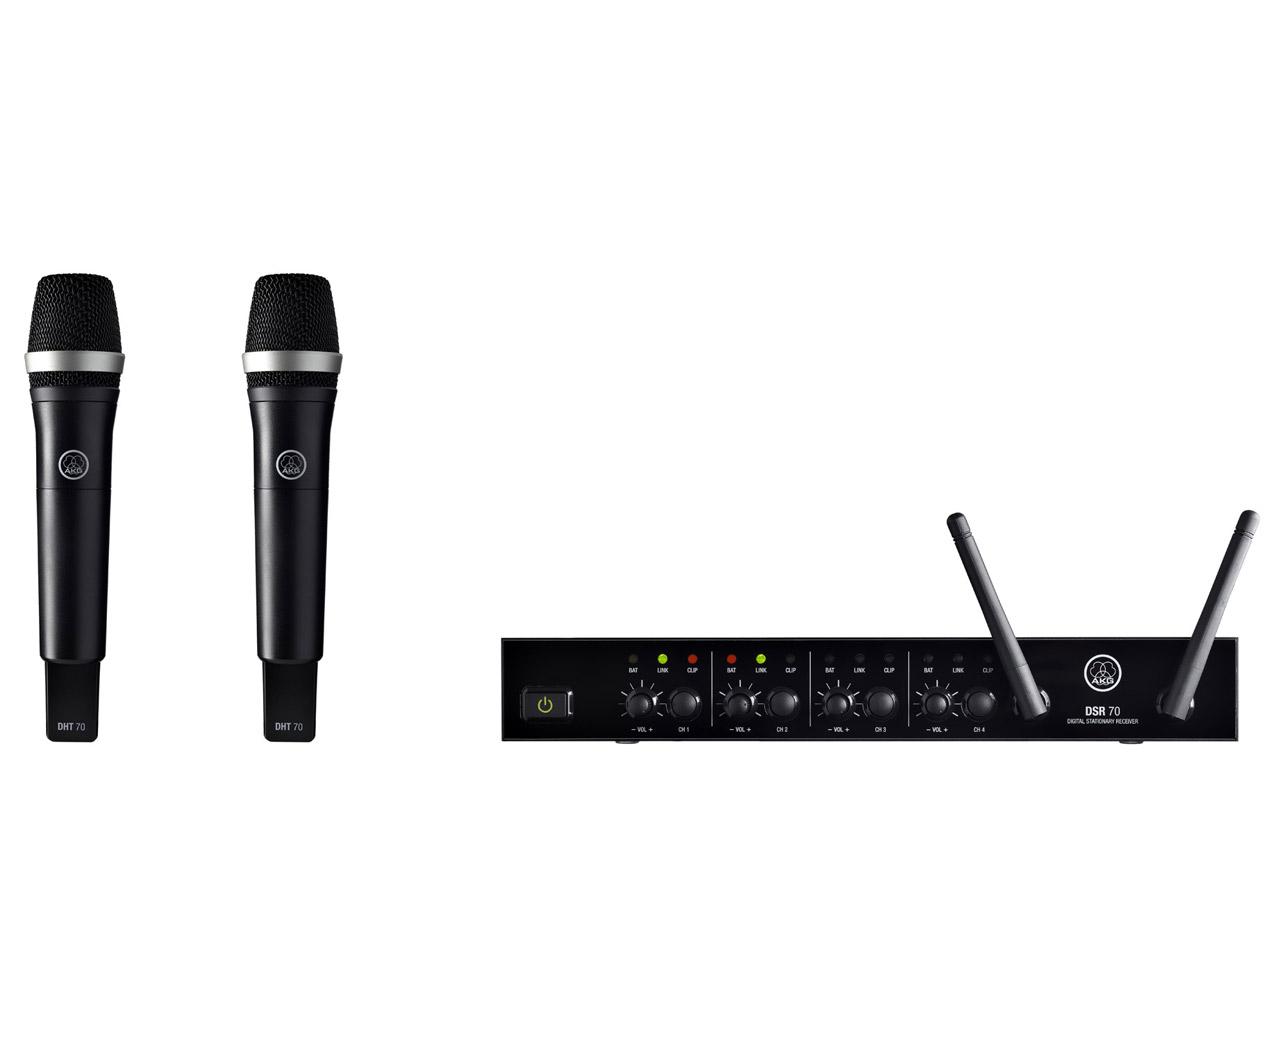 Powieksz do pelnego rozmiaru AKG DMS 70 Q, AKG DMS-70 Q, AKG DMS70 Q, DMS 70Q, DMS-70Q, DMS70Q, DMS 70-Q, DMS-70-Q, DMS70-Q, mikrofon bezprzewodowy, zestaw bezprzewodowy, system mikrofonowy bezprzewodowy,   mikrofon bezprzewodowy cyfrowy, zestaw bezprzewodowy cyfrowy, cyfrowy system mikrofonowy bezprzewodowy,  mikrofon wokalowy, nadajnik ręczny, nadajnik mikrofonowy ręczny, mikrofon ręczny